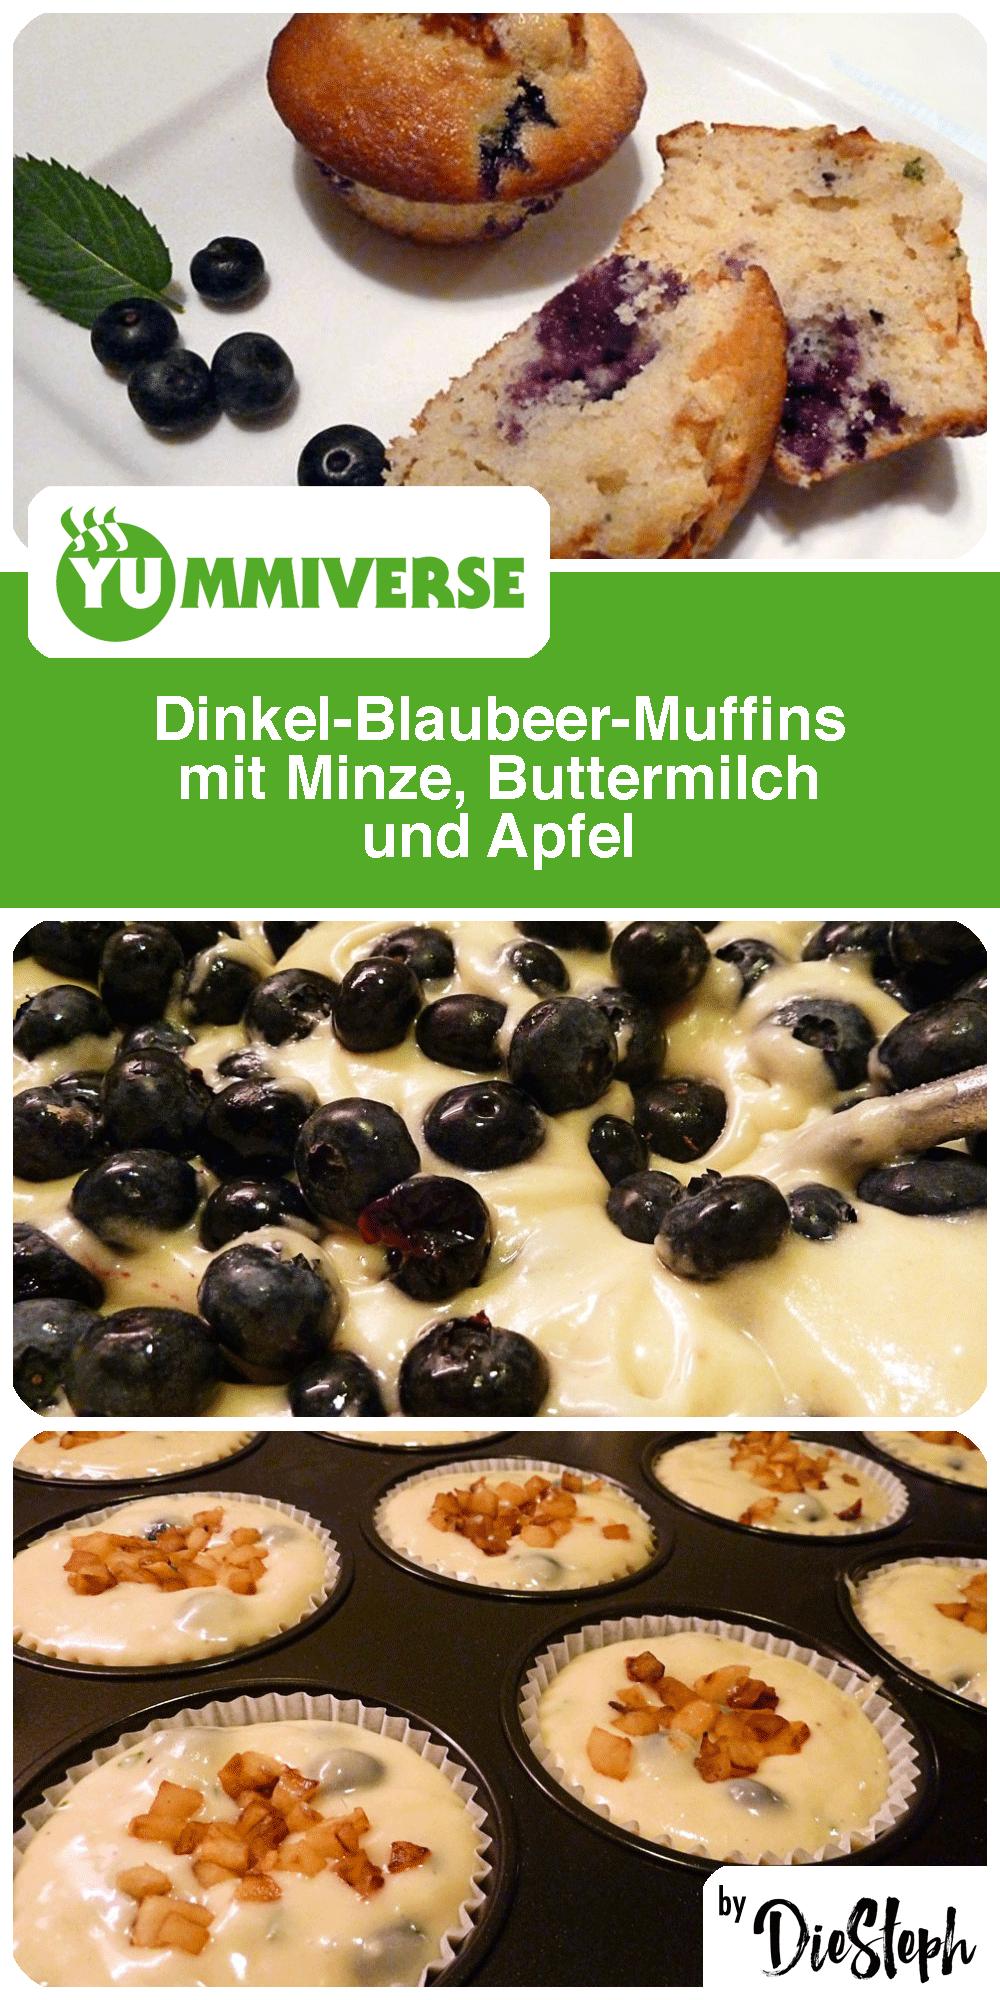 Dinkel-Blaubeer-Muffins